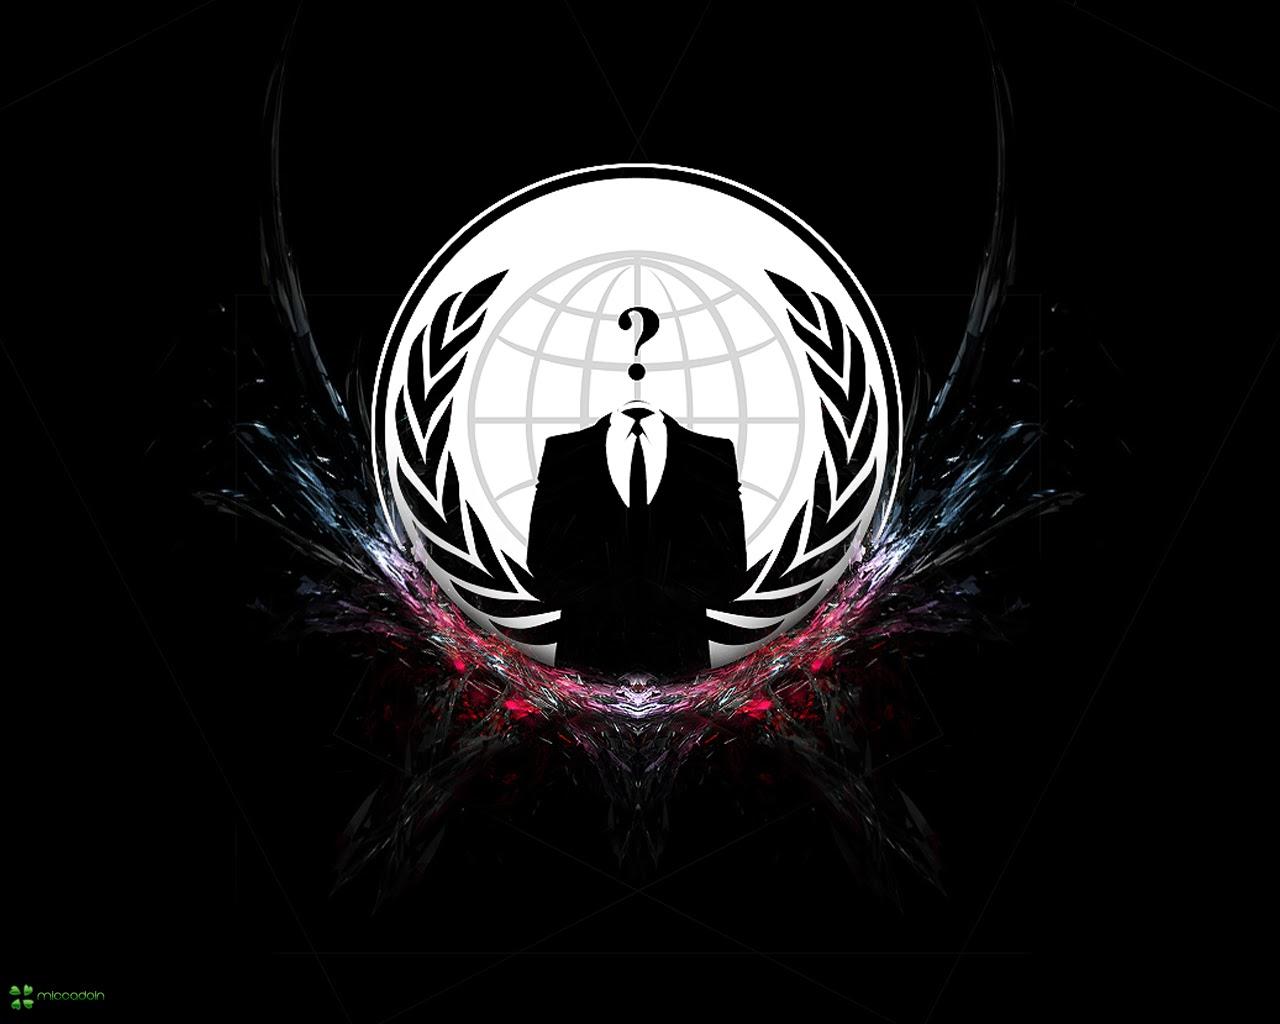 Foto Desain Logo Dan Baju Hacker Anonymous Foto Dan Gambar